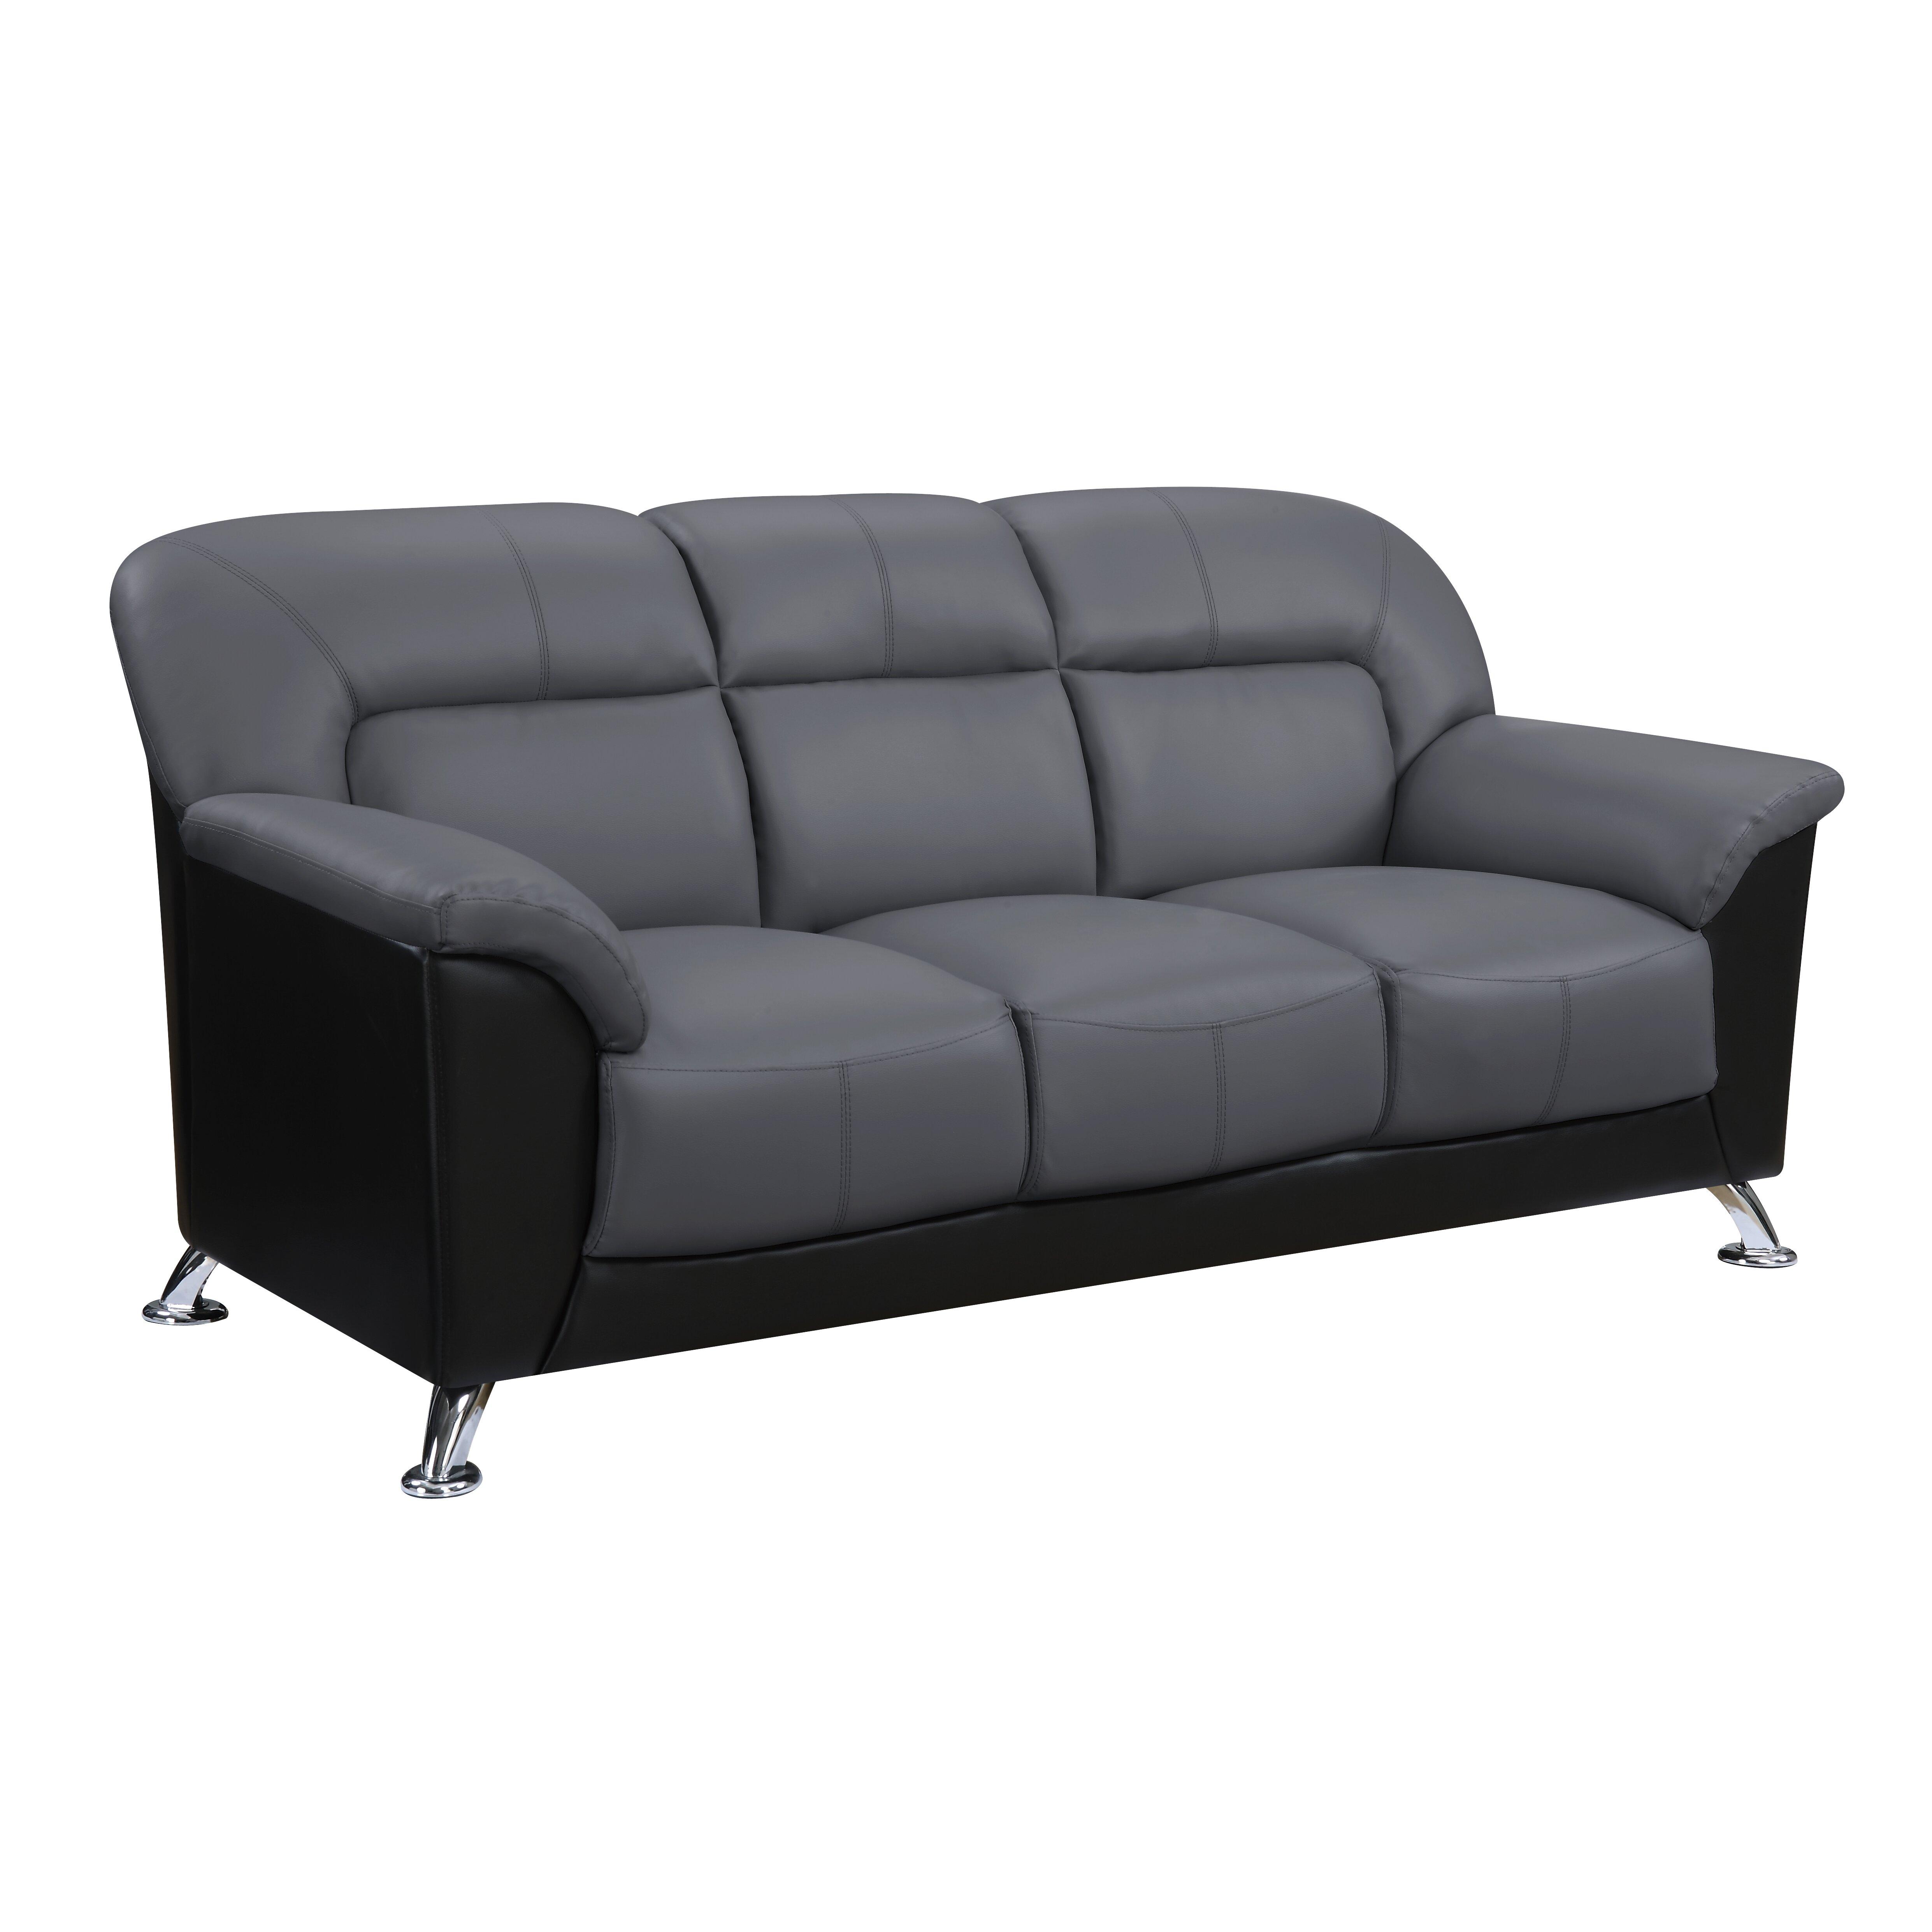 global furniture usa sofa. Black Bedroom Furniture Sets. Home Design Ideas